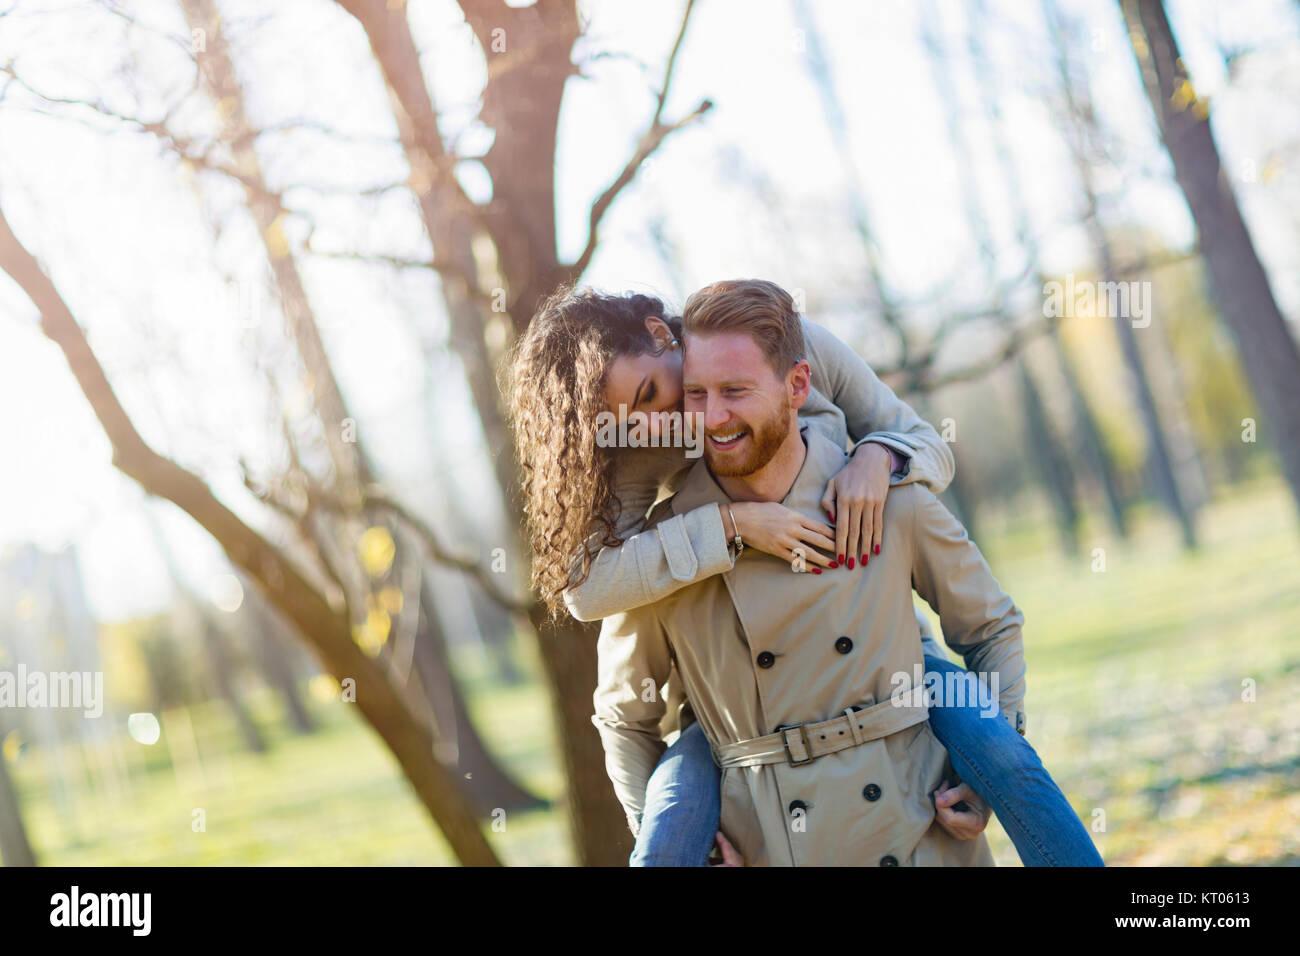 Coppia giovane aventi data romantico in posizione di parcheggio Immagini Stock